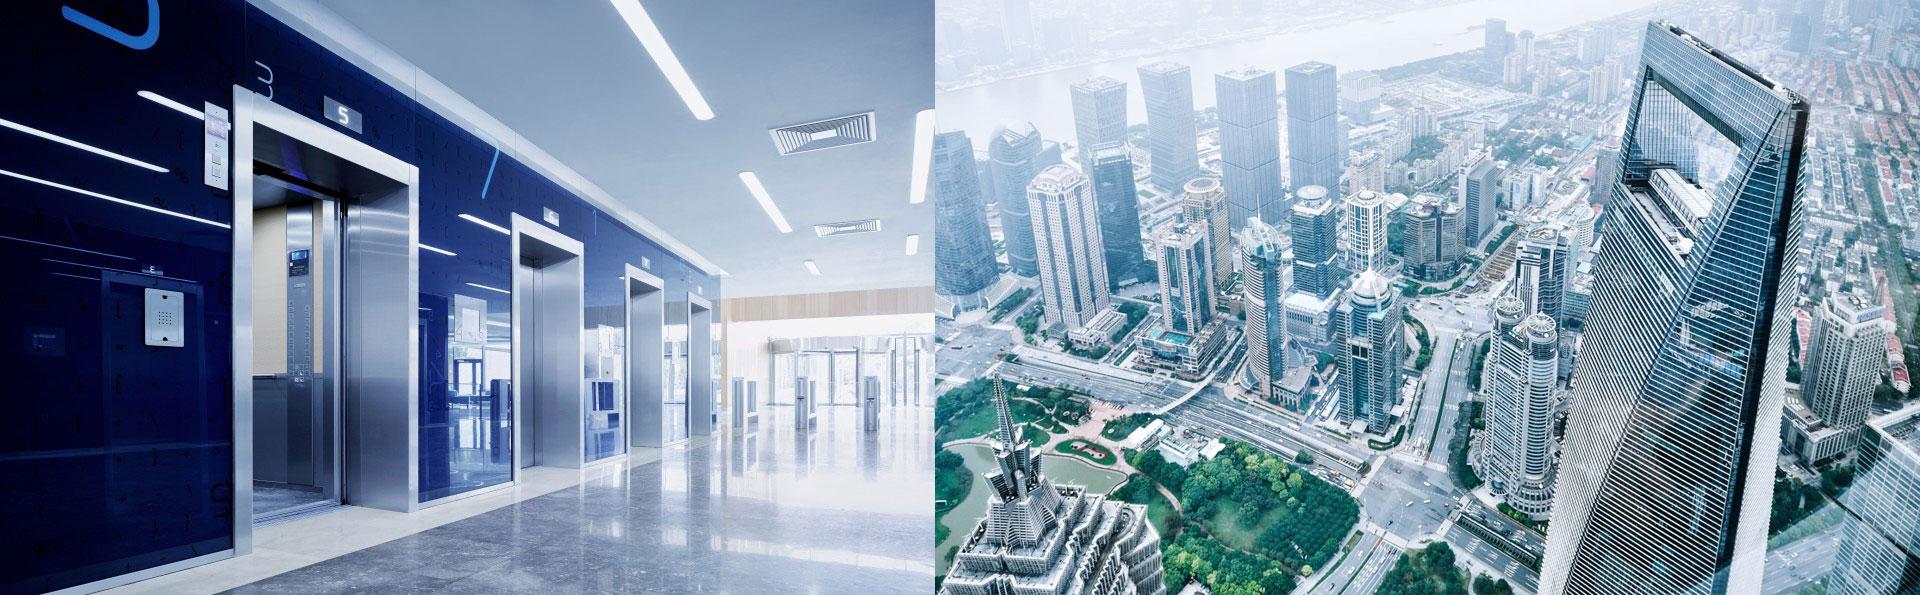 асансьори ThyssenKrupp интериорна снимка и небостъргачи поглед от високо